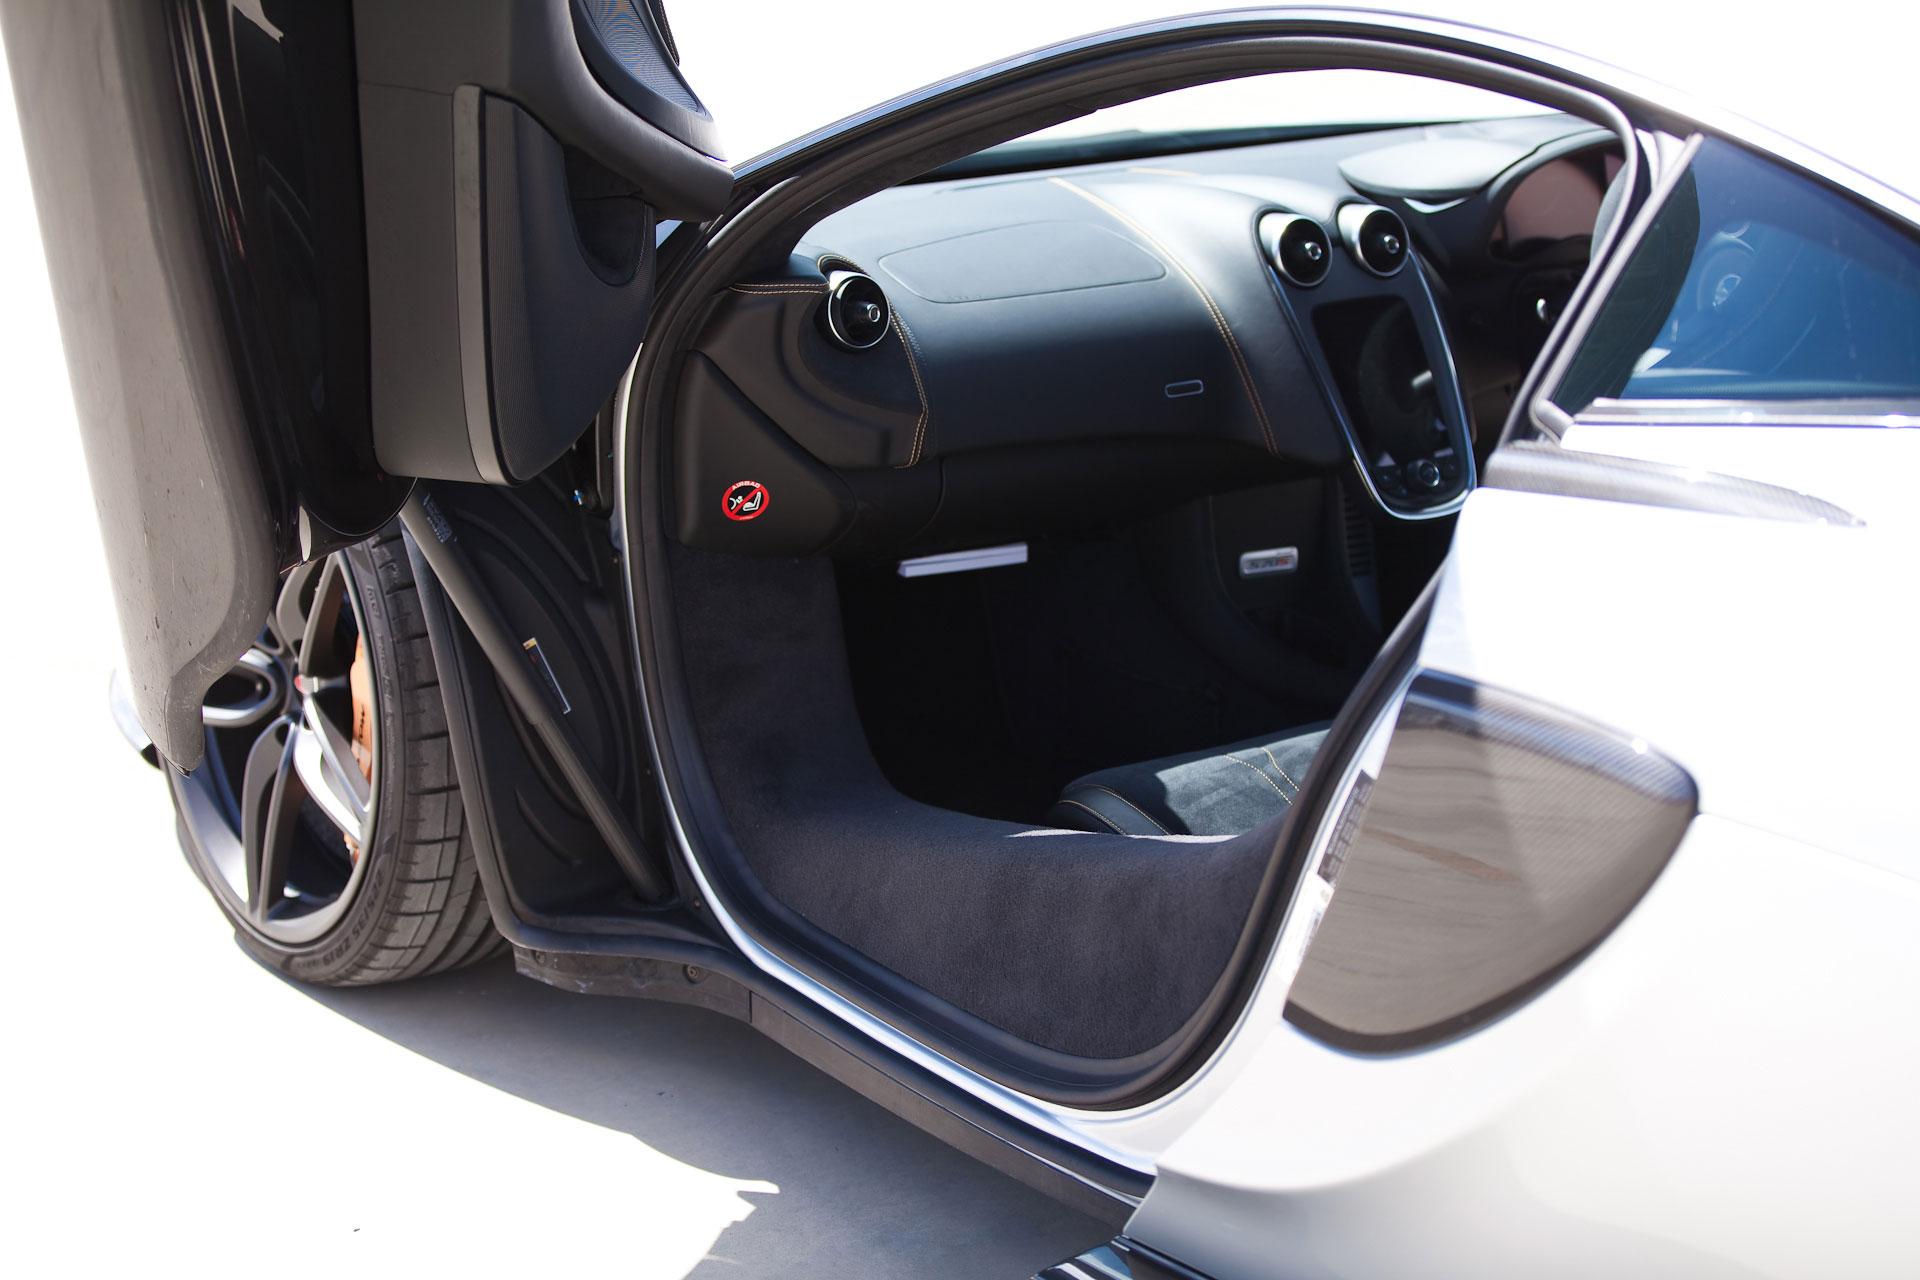 mclaren-570s-doors